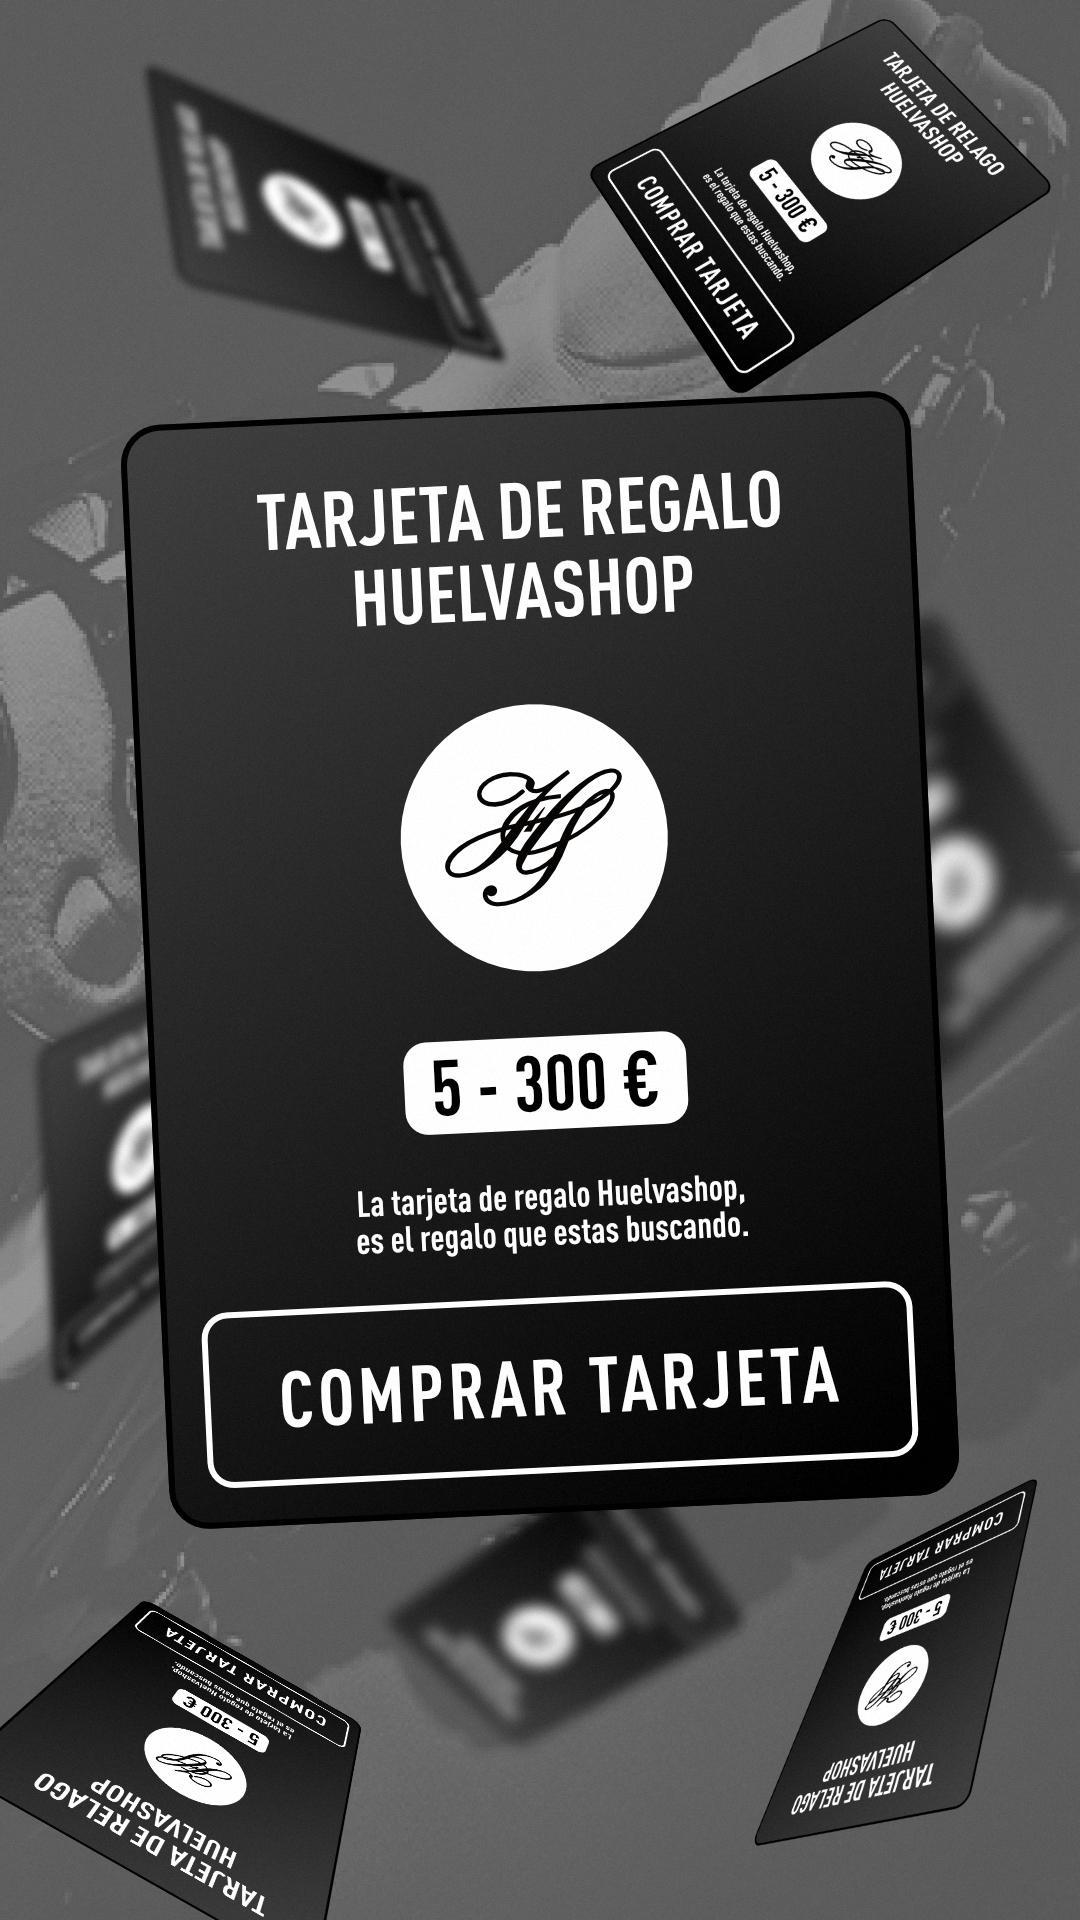 TARJETA REGALO HUELVASHOP